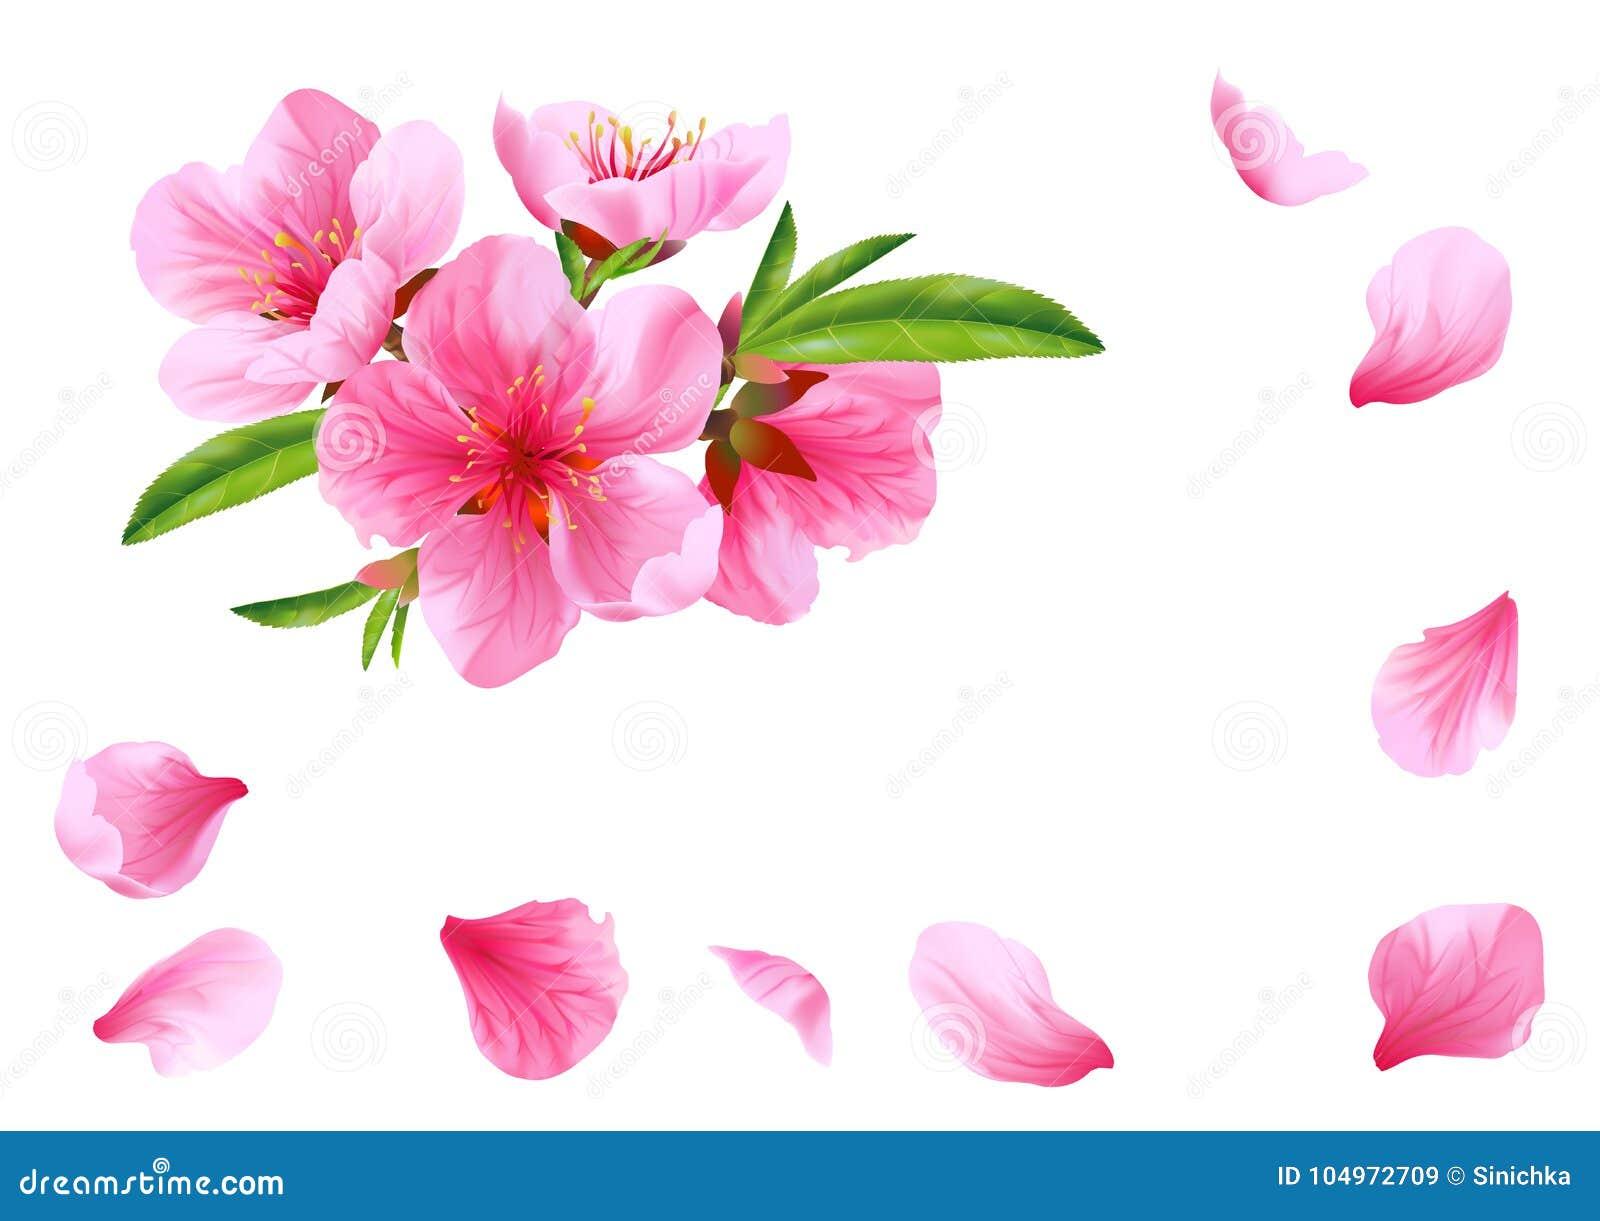 Flores E Petalas Do Pessego Vetor Ilustracao Stock Ilustracao De